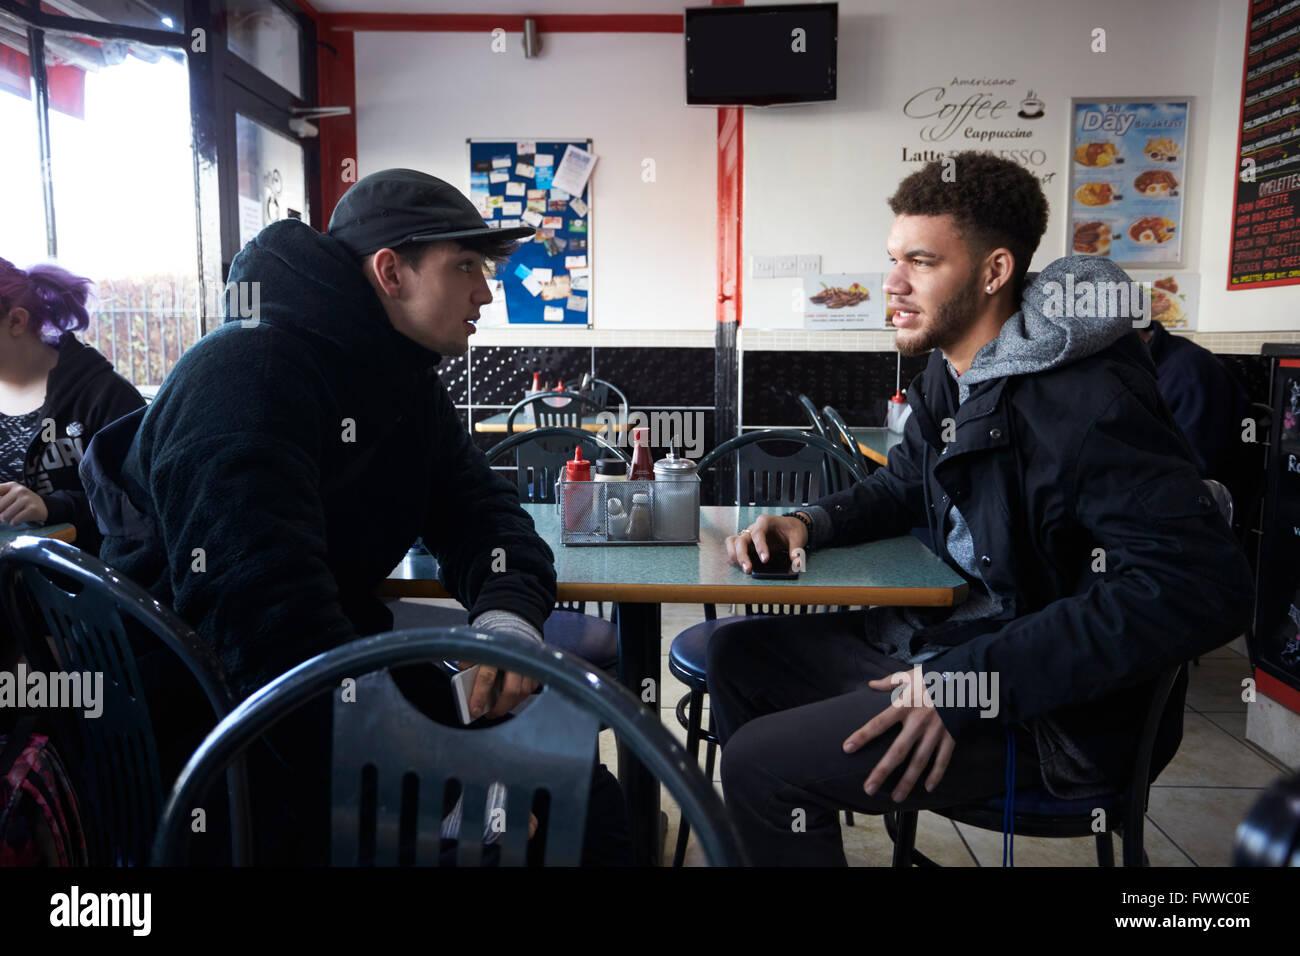 Zwei männliche Studenten Essen im Café Stockbild